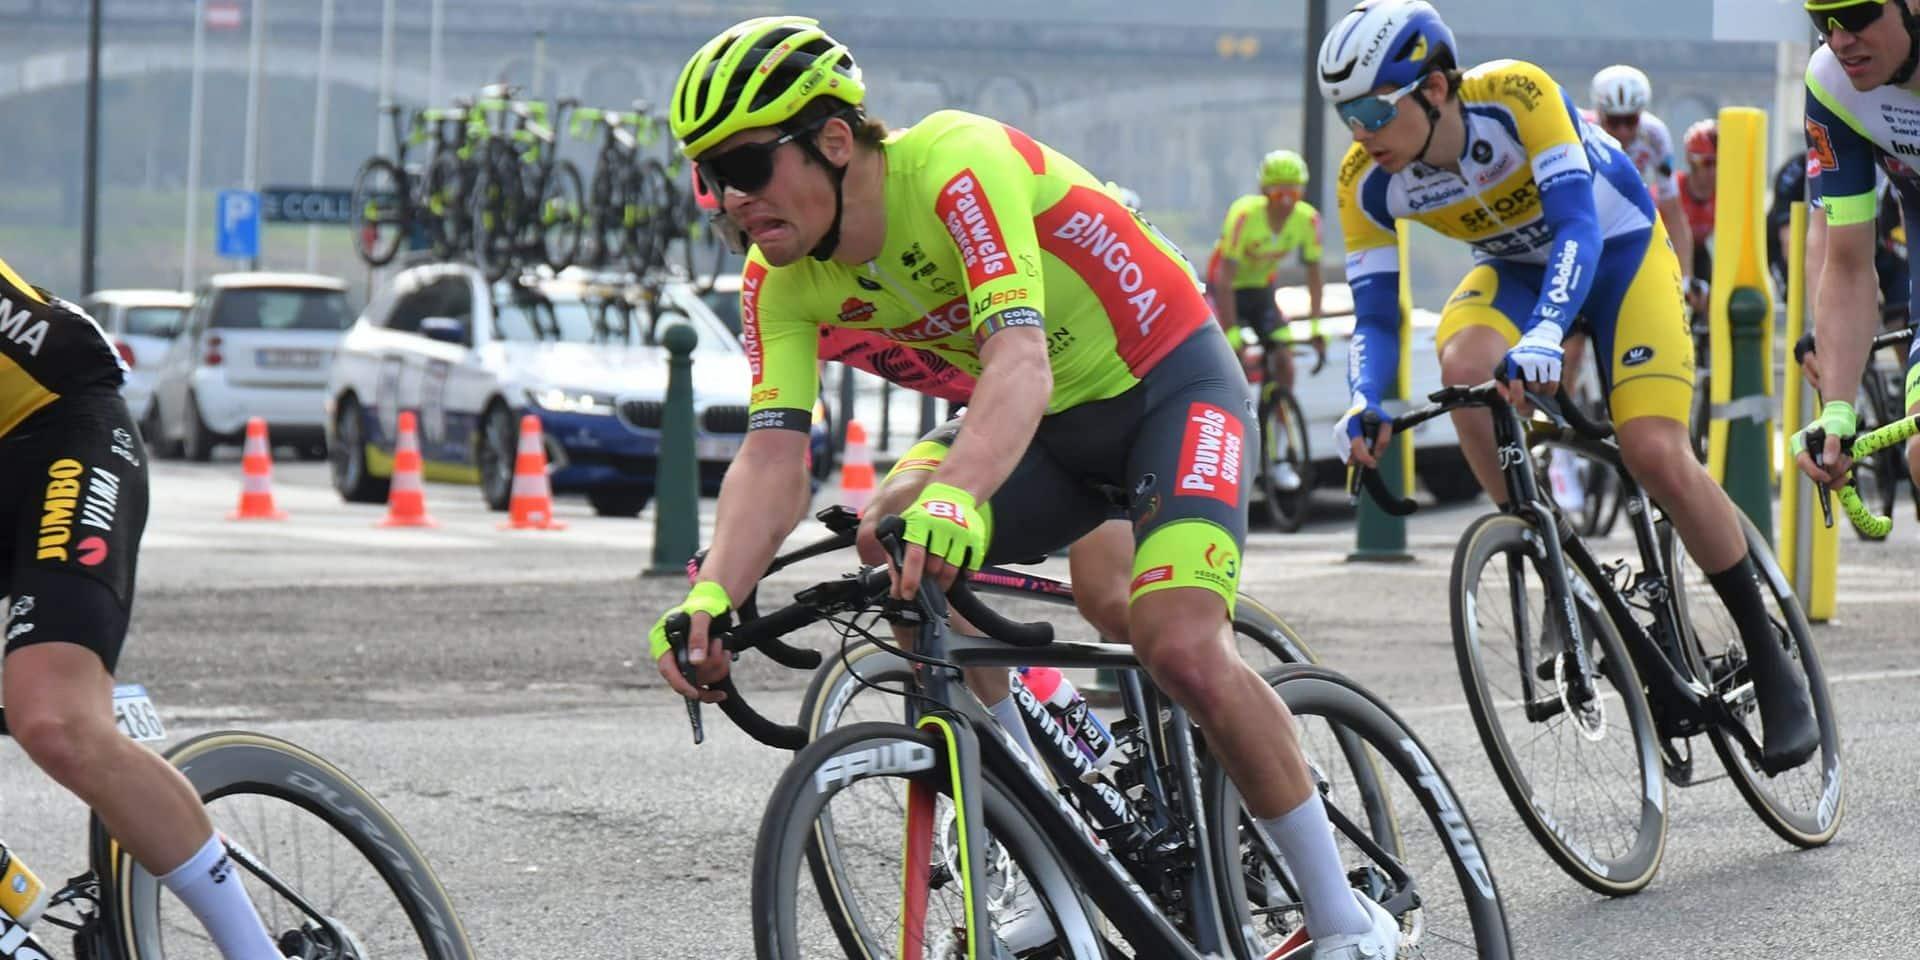 """Mertz satisfait après sa bonne performance au Tour de Valence: """"C'est bon pour le moral"""""""